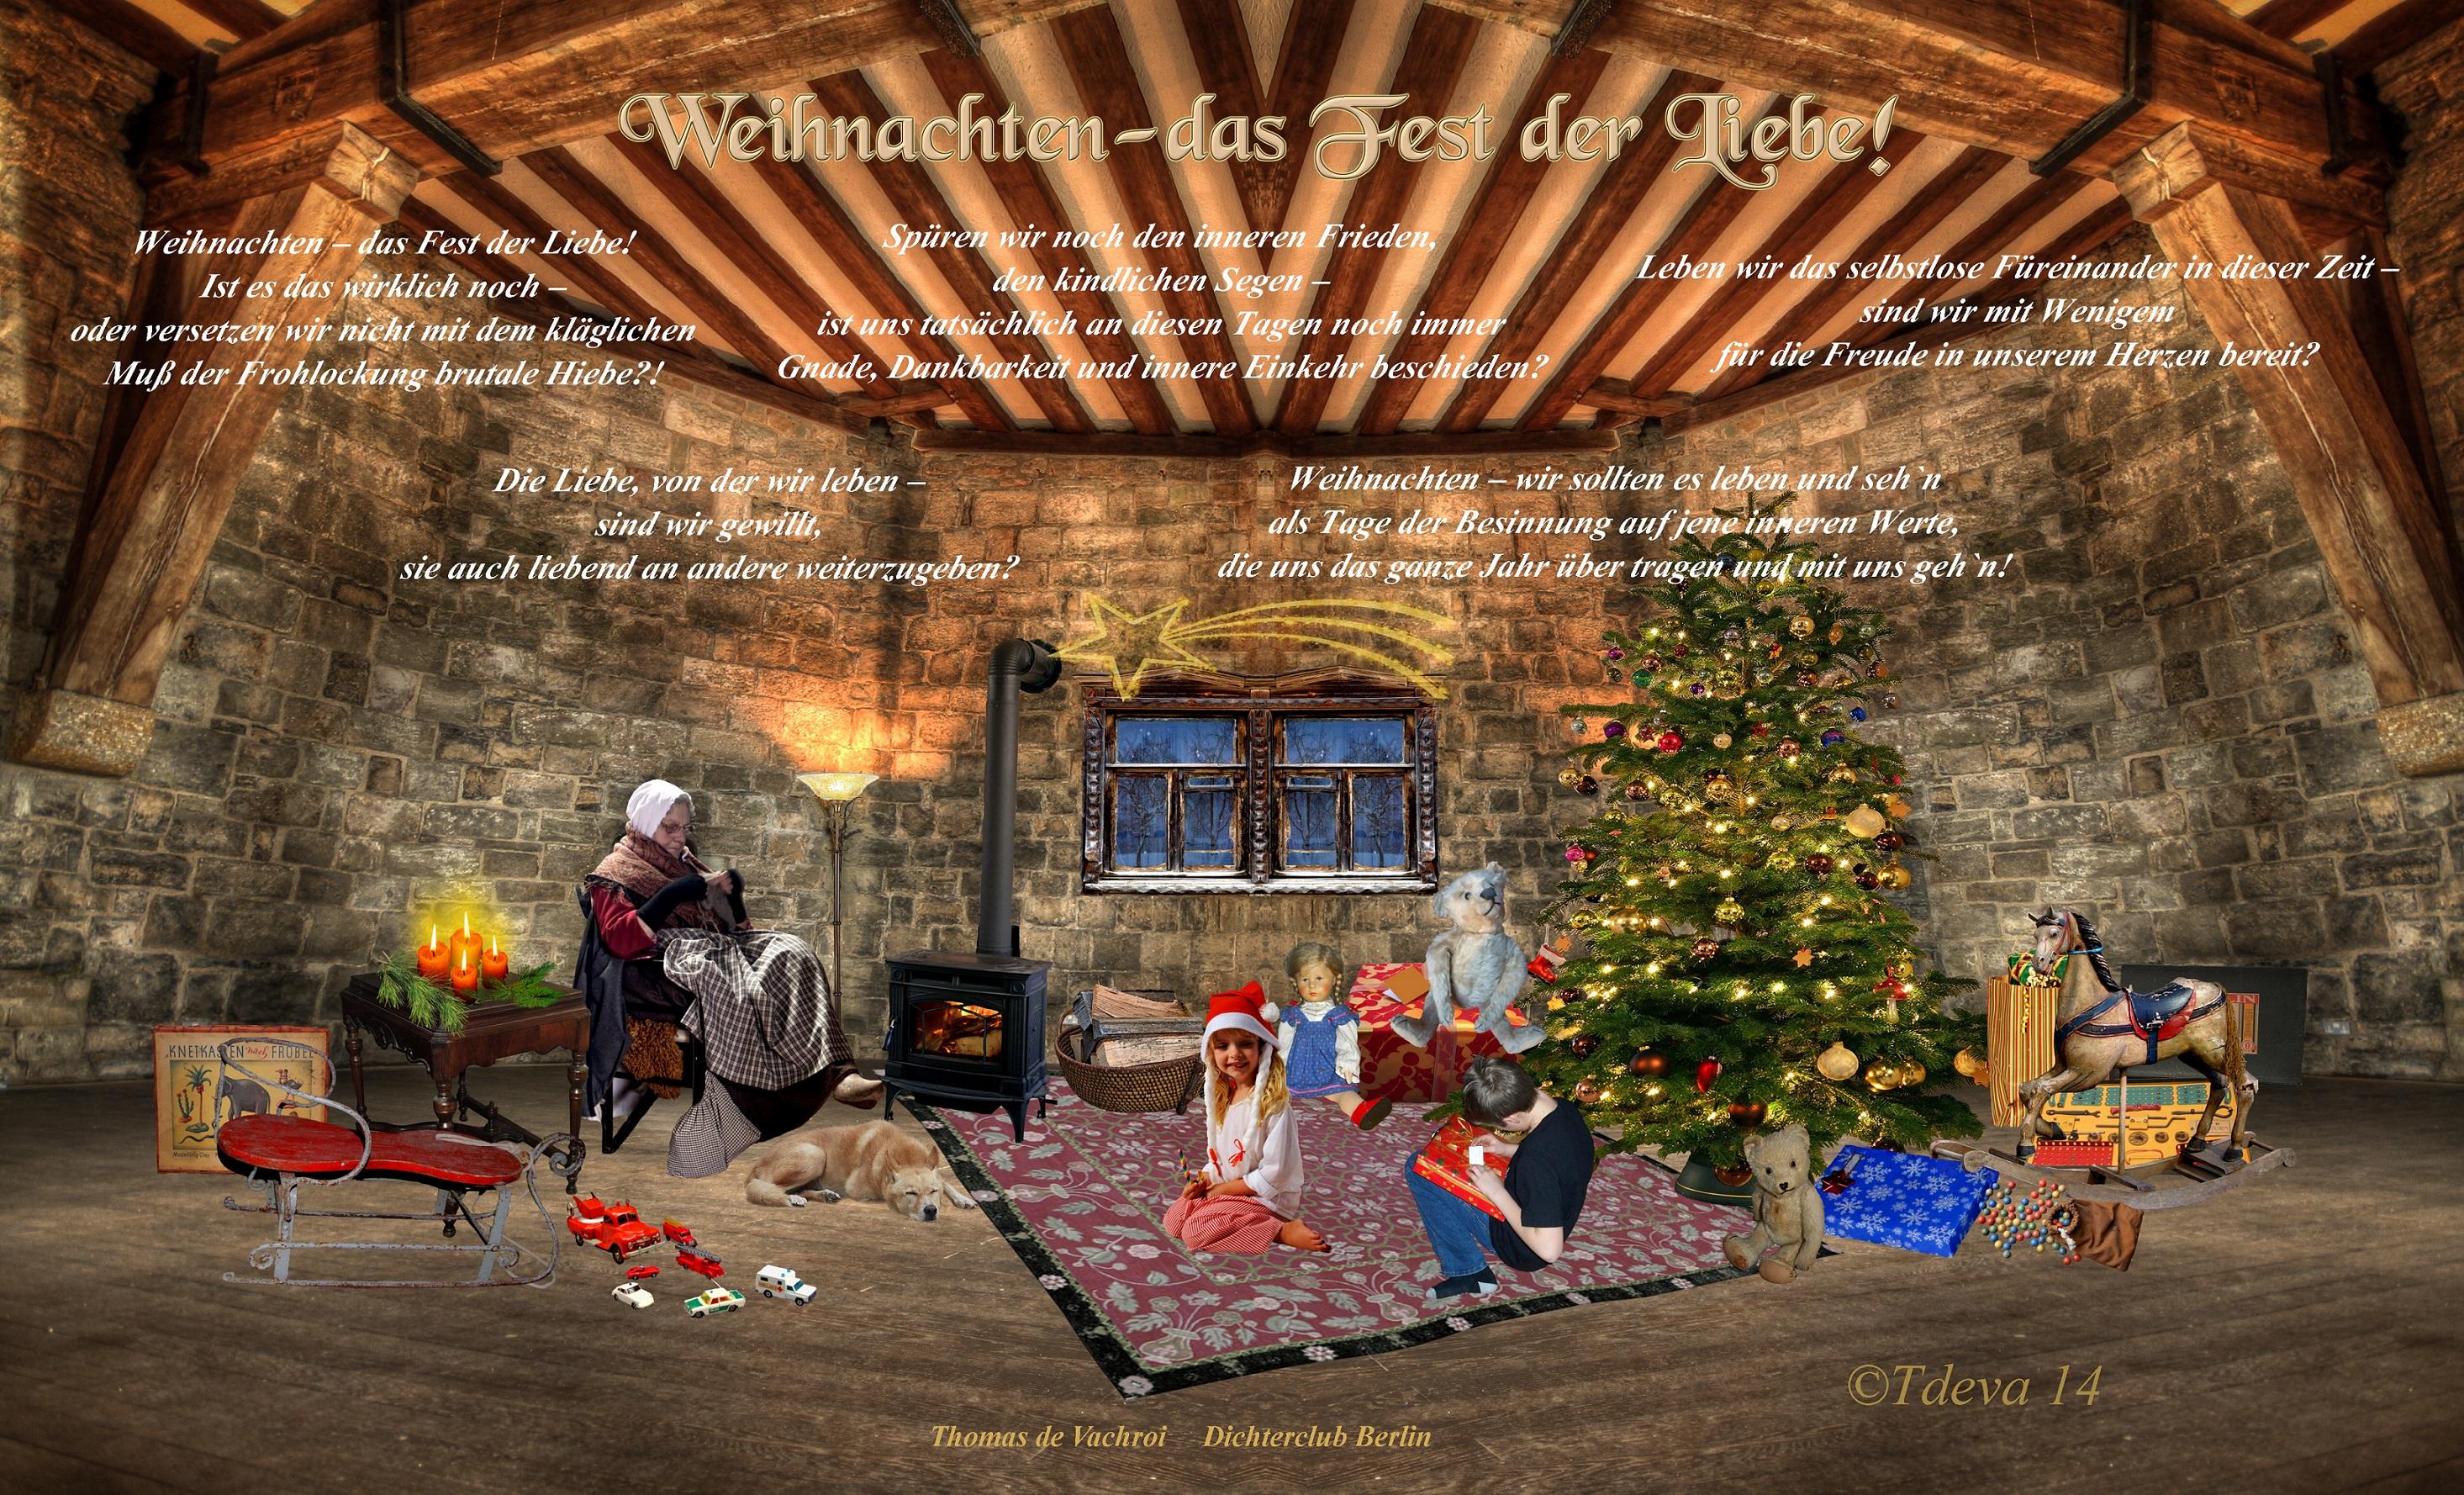 Weihnachten-das Fest der Liebe!